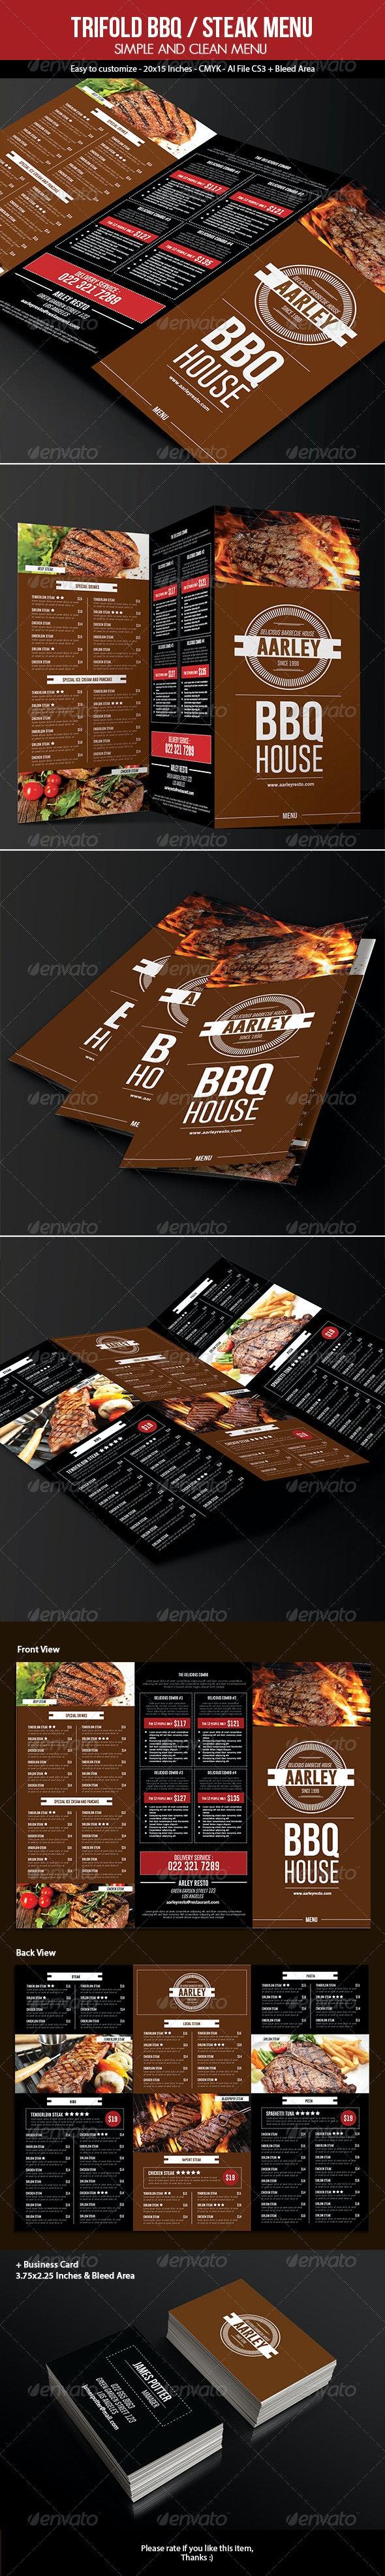 Trifold BBQ / Steak Menu + Business Card - Food Menus Print Templates